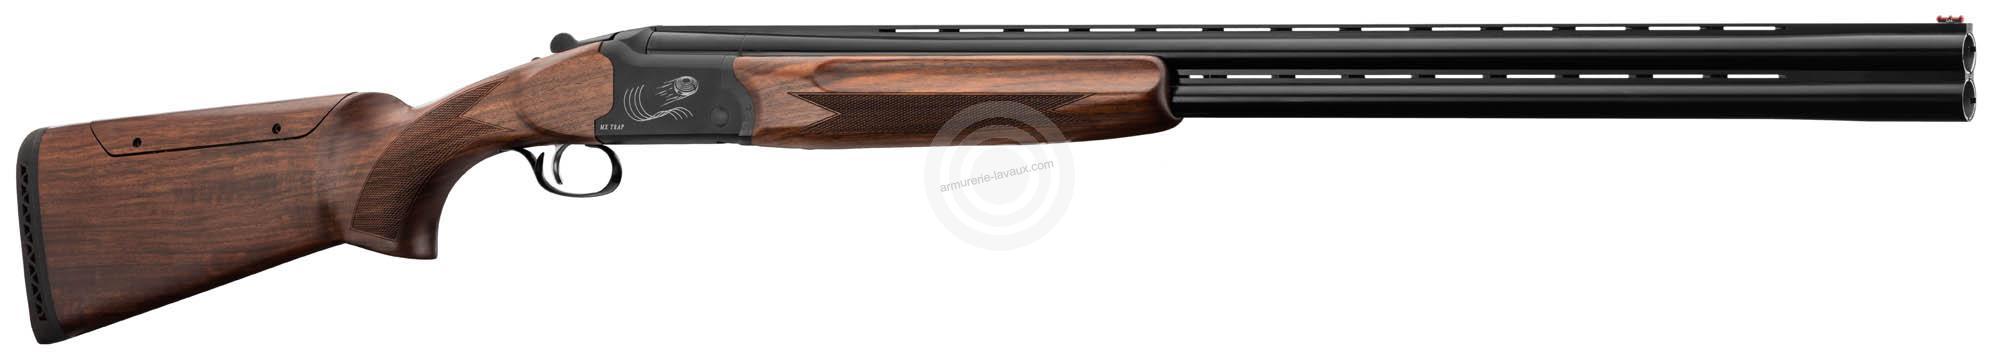 Fusil de sport Superposé YILDIZ MX Trap noir - Ejecteurs cal.12 (76cm)